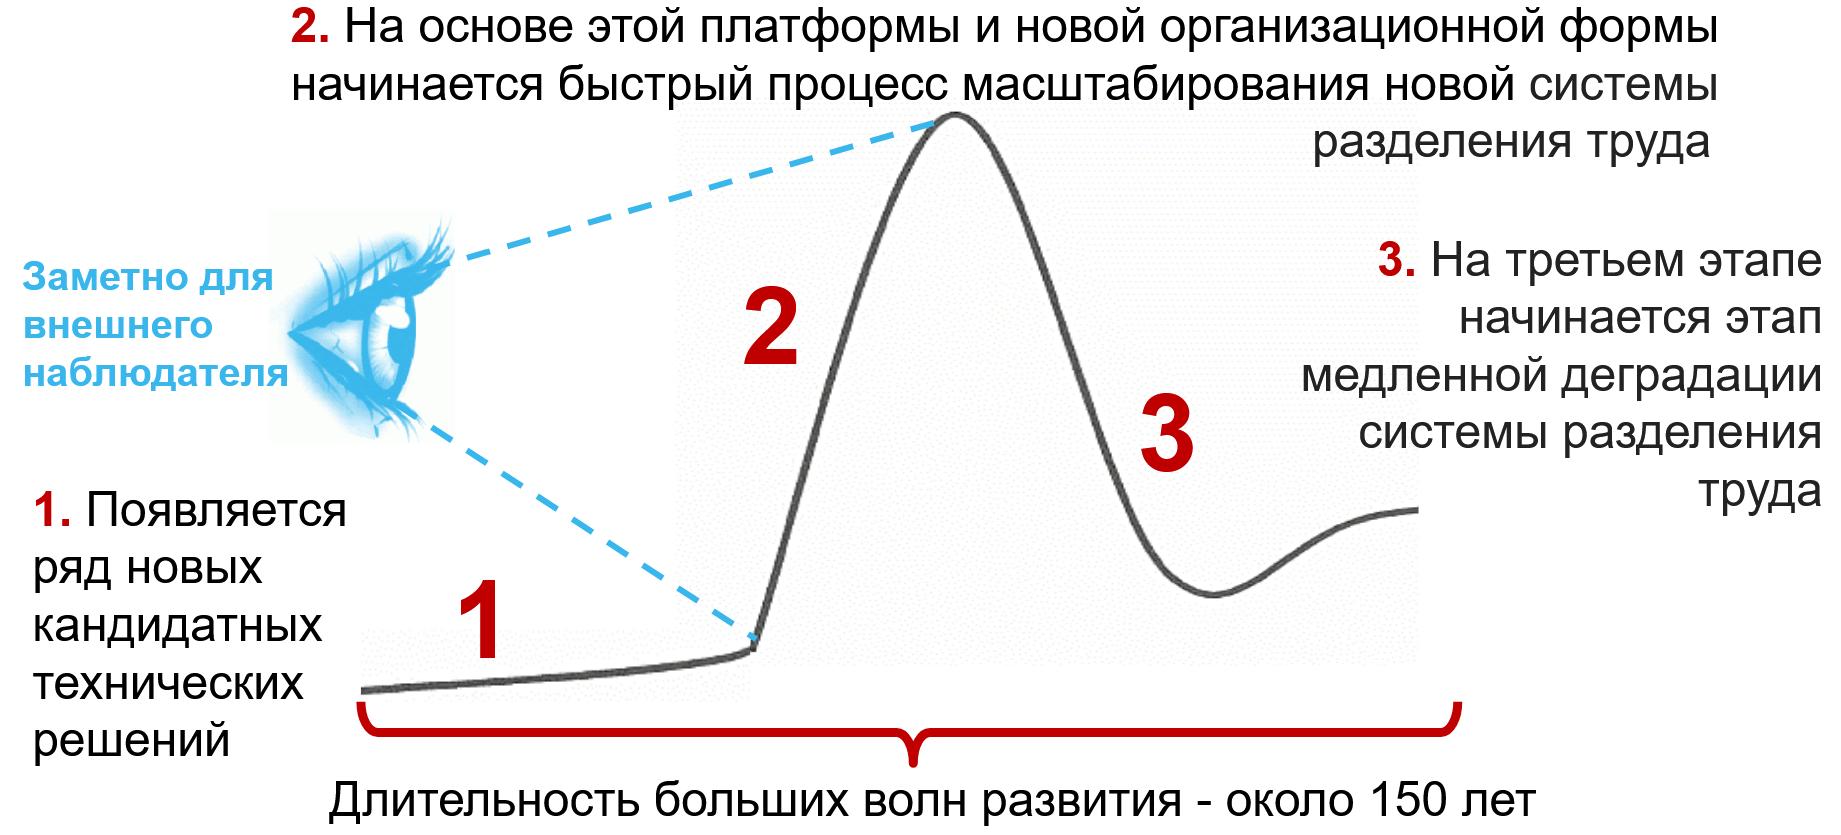 этапы развития и изменения системы разделения труда